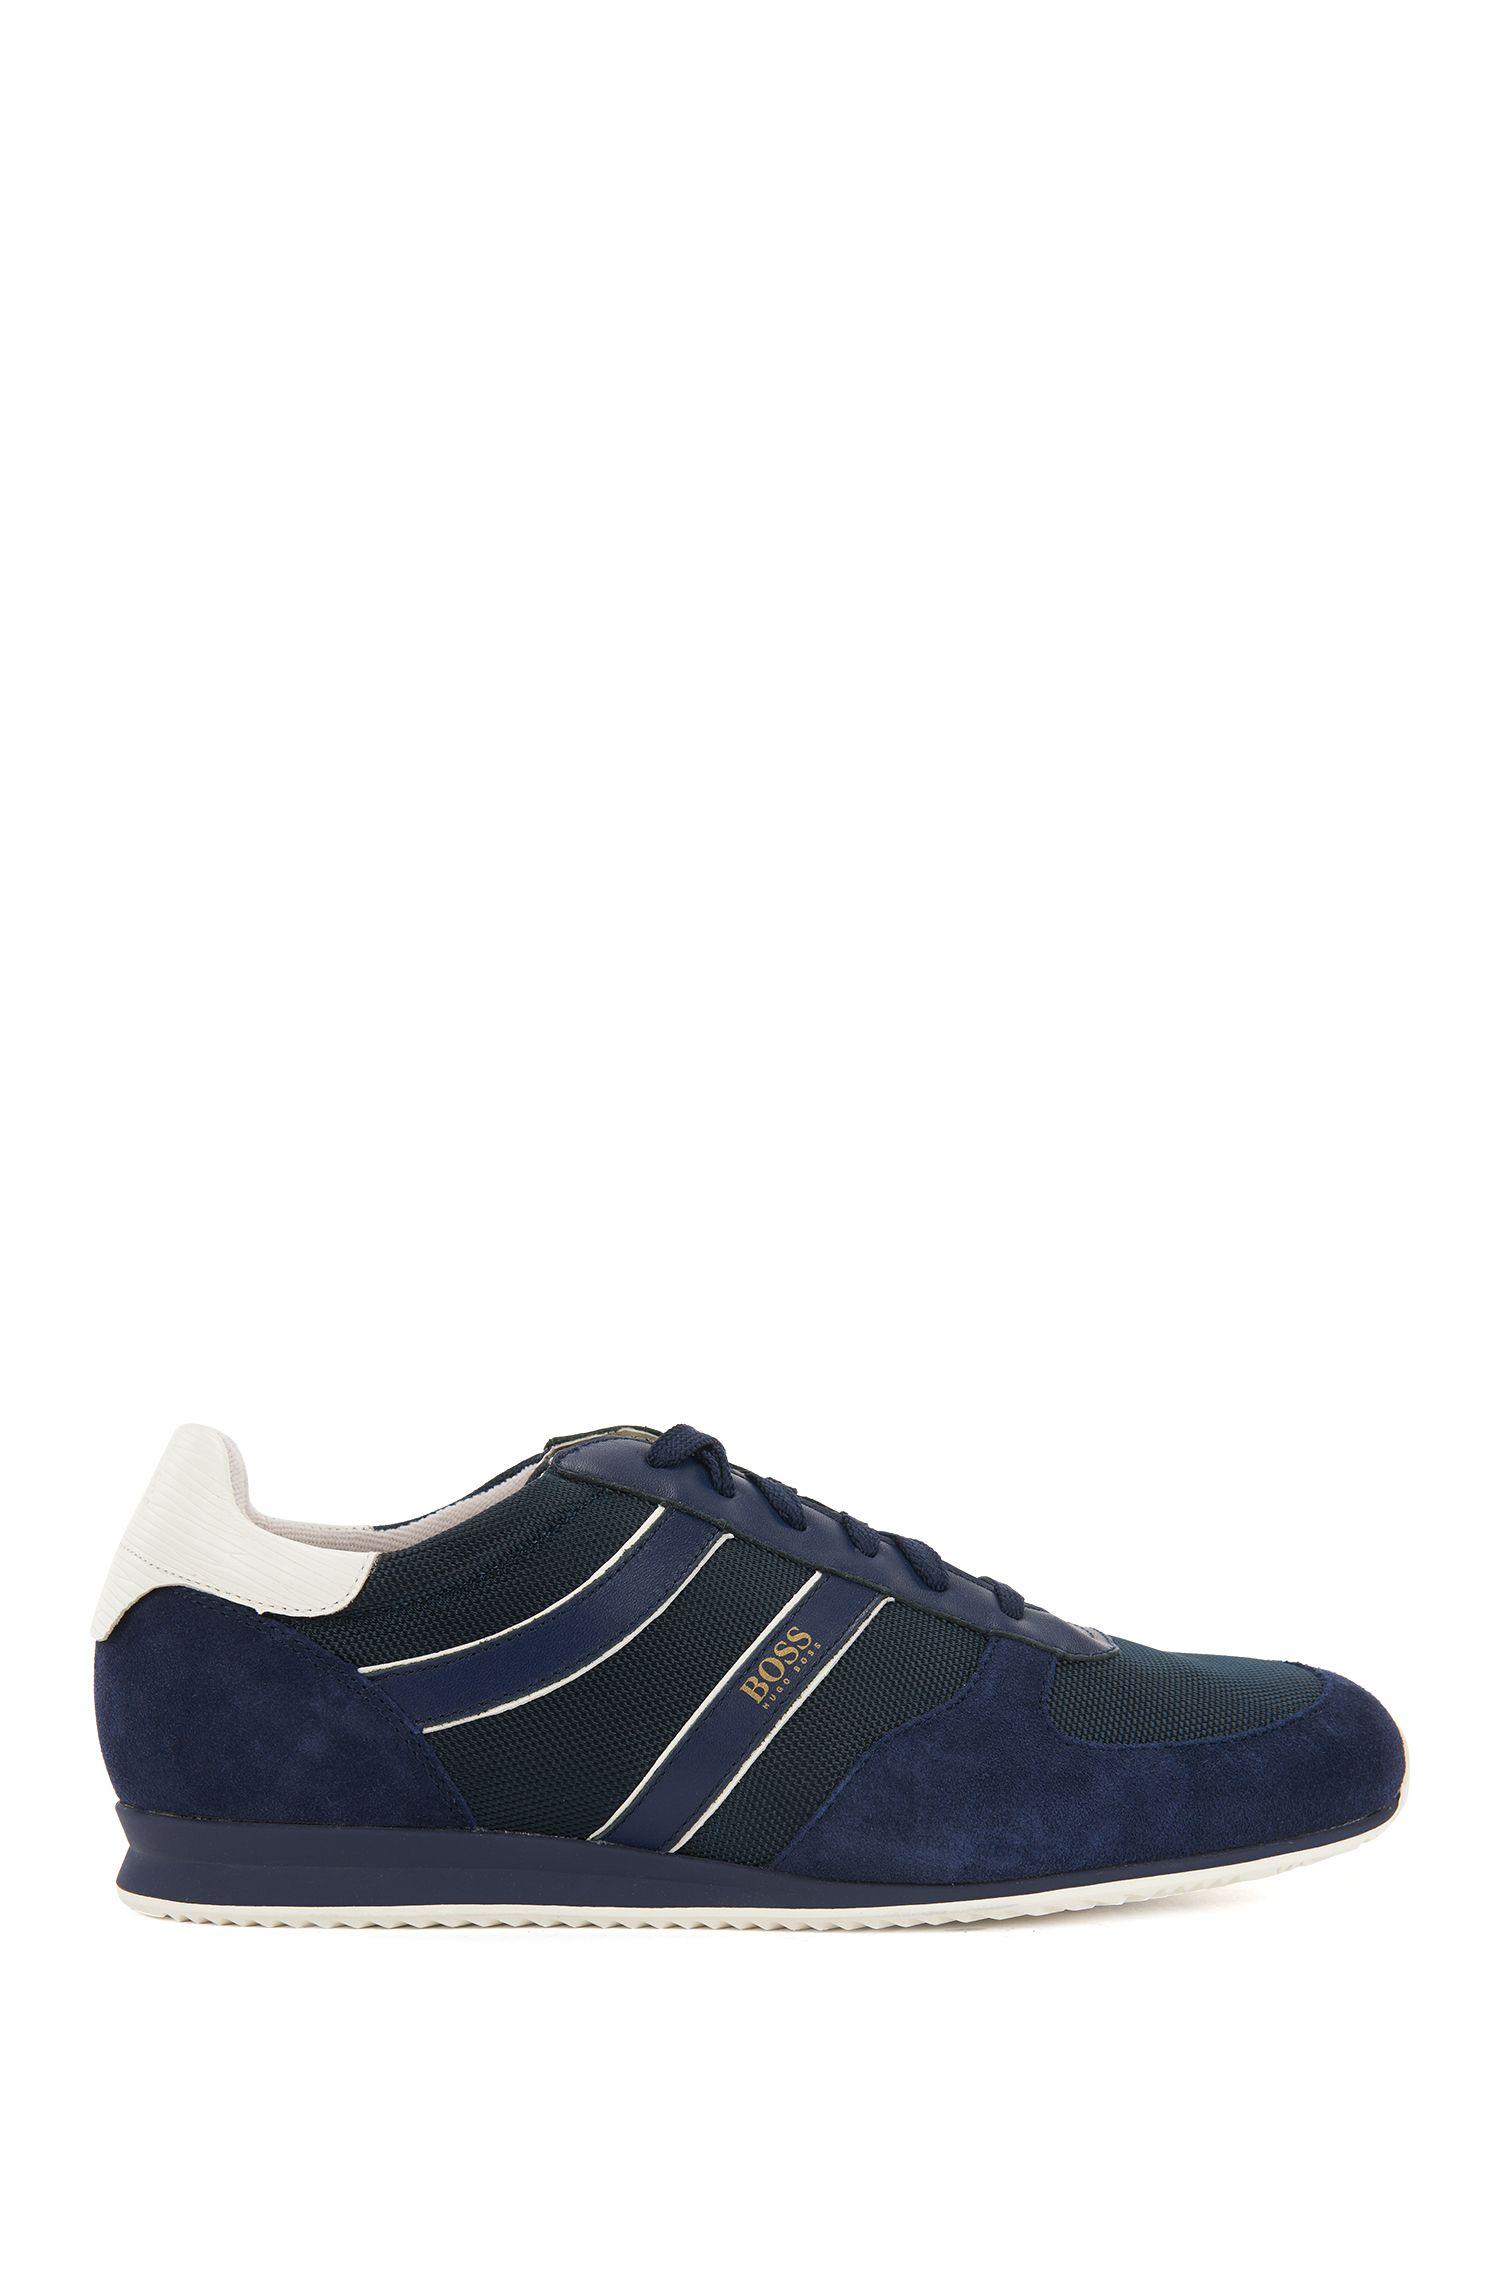 Baskets basses lacées à garnitures en daim, Bleu foncé